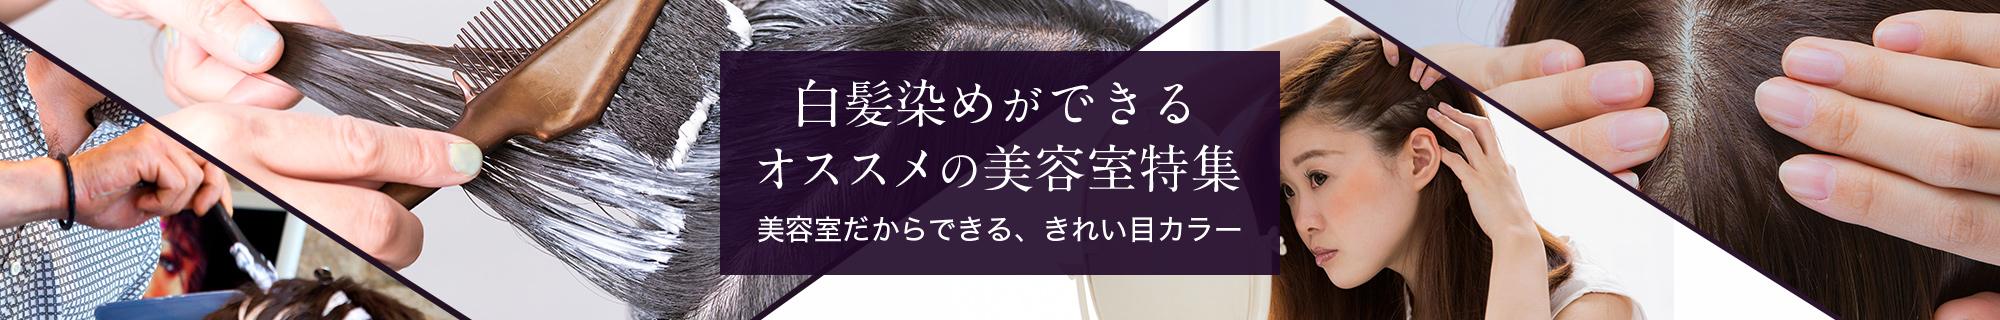 白髪染め(グレイカラー)ができるオススメの美容院特集